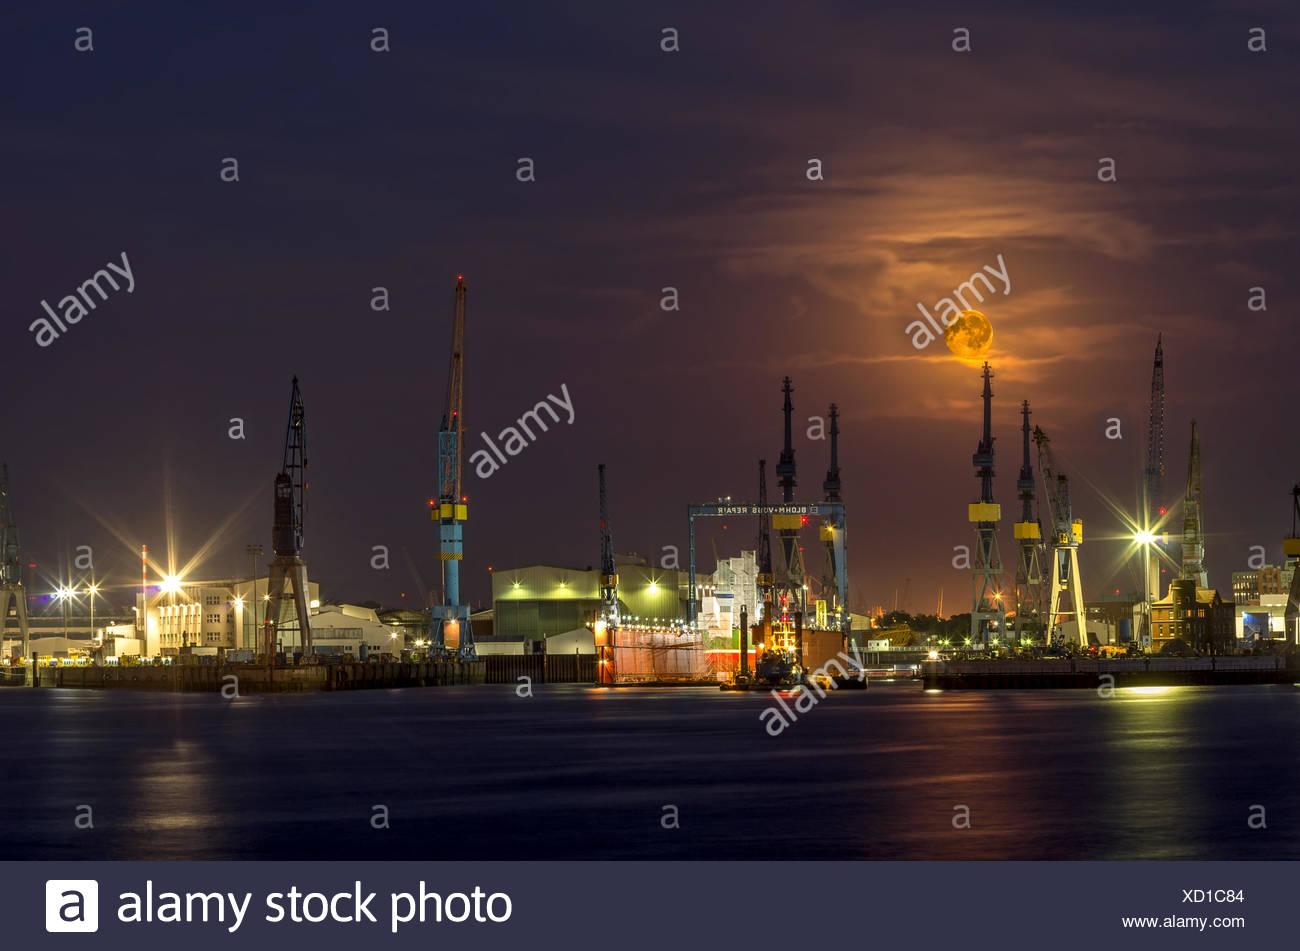 moonlight in harbor - Stock Image